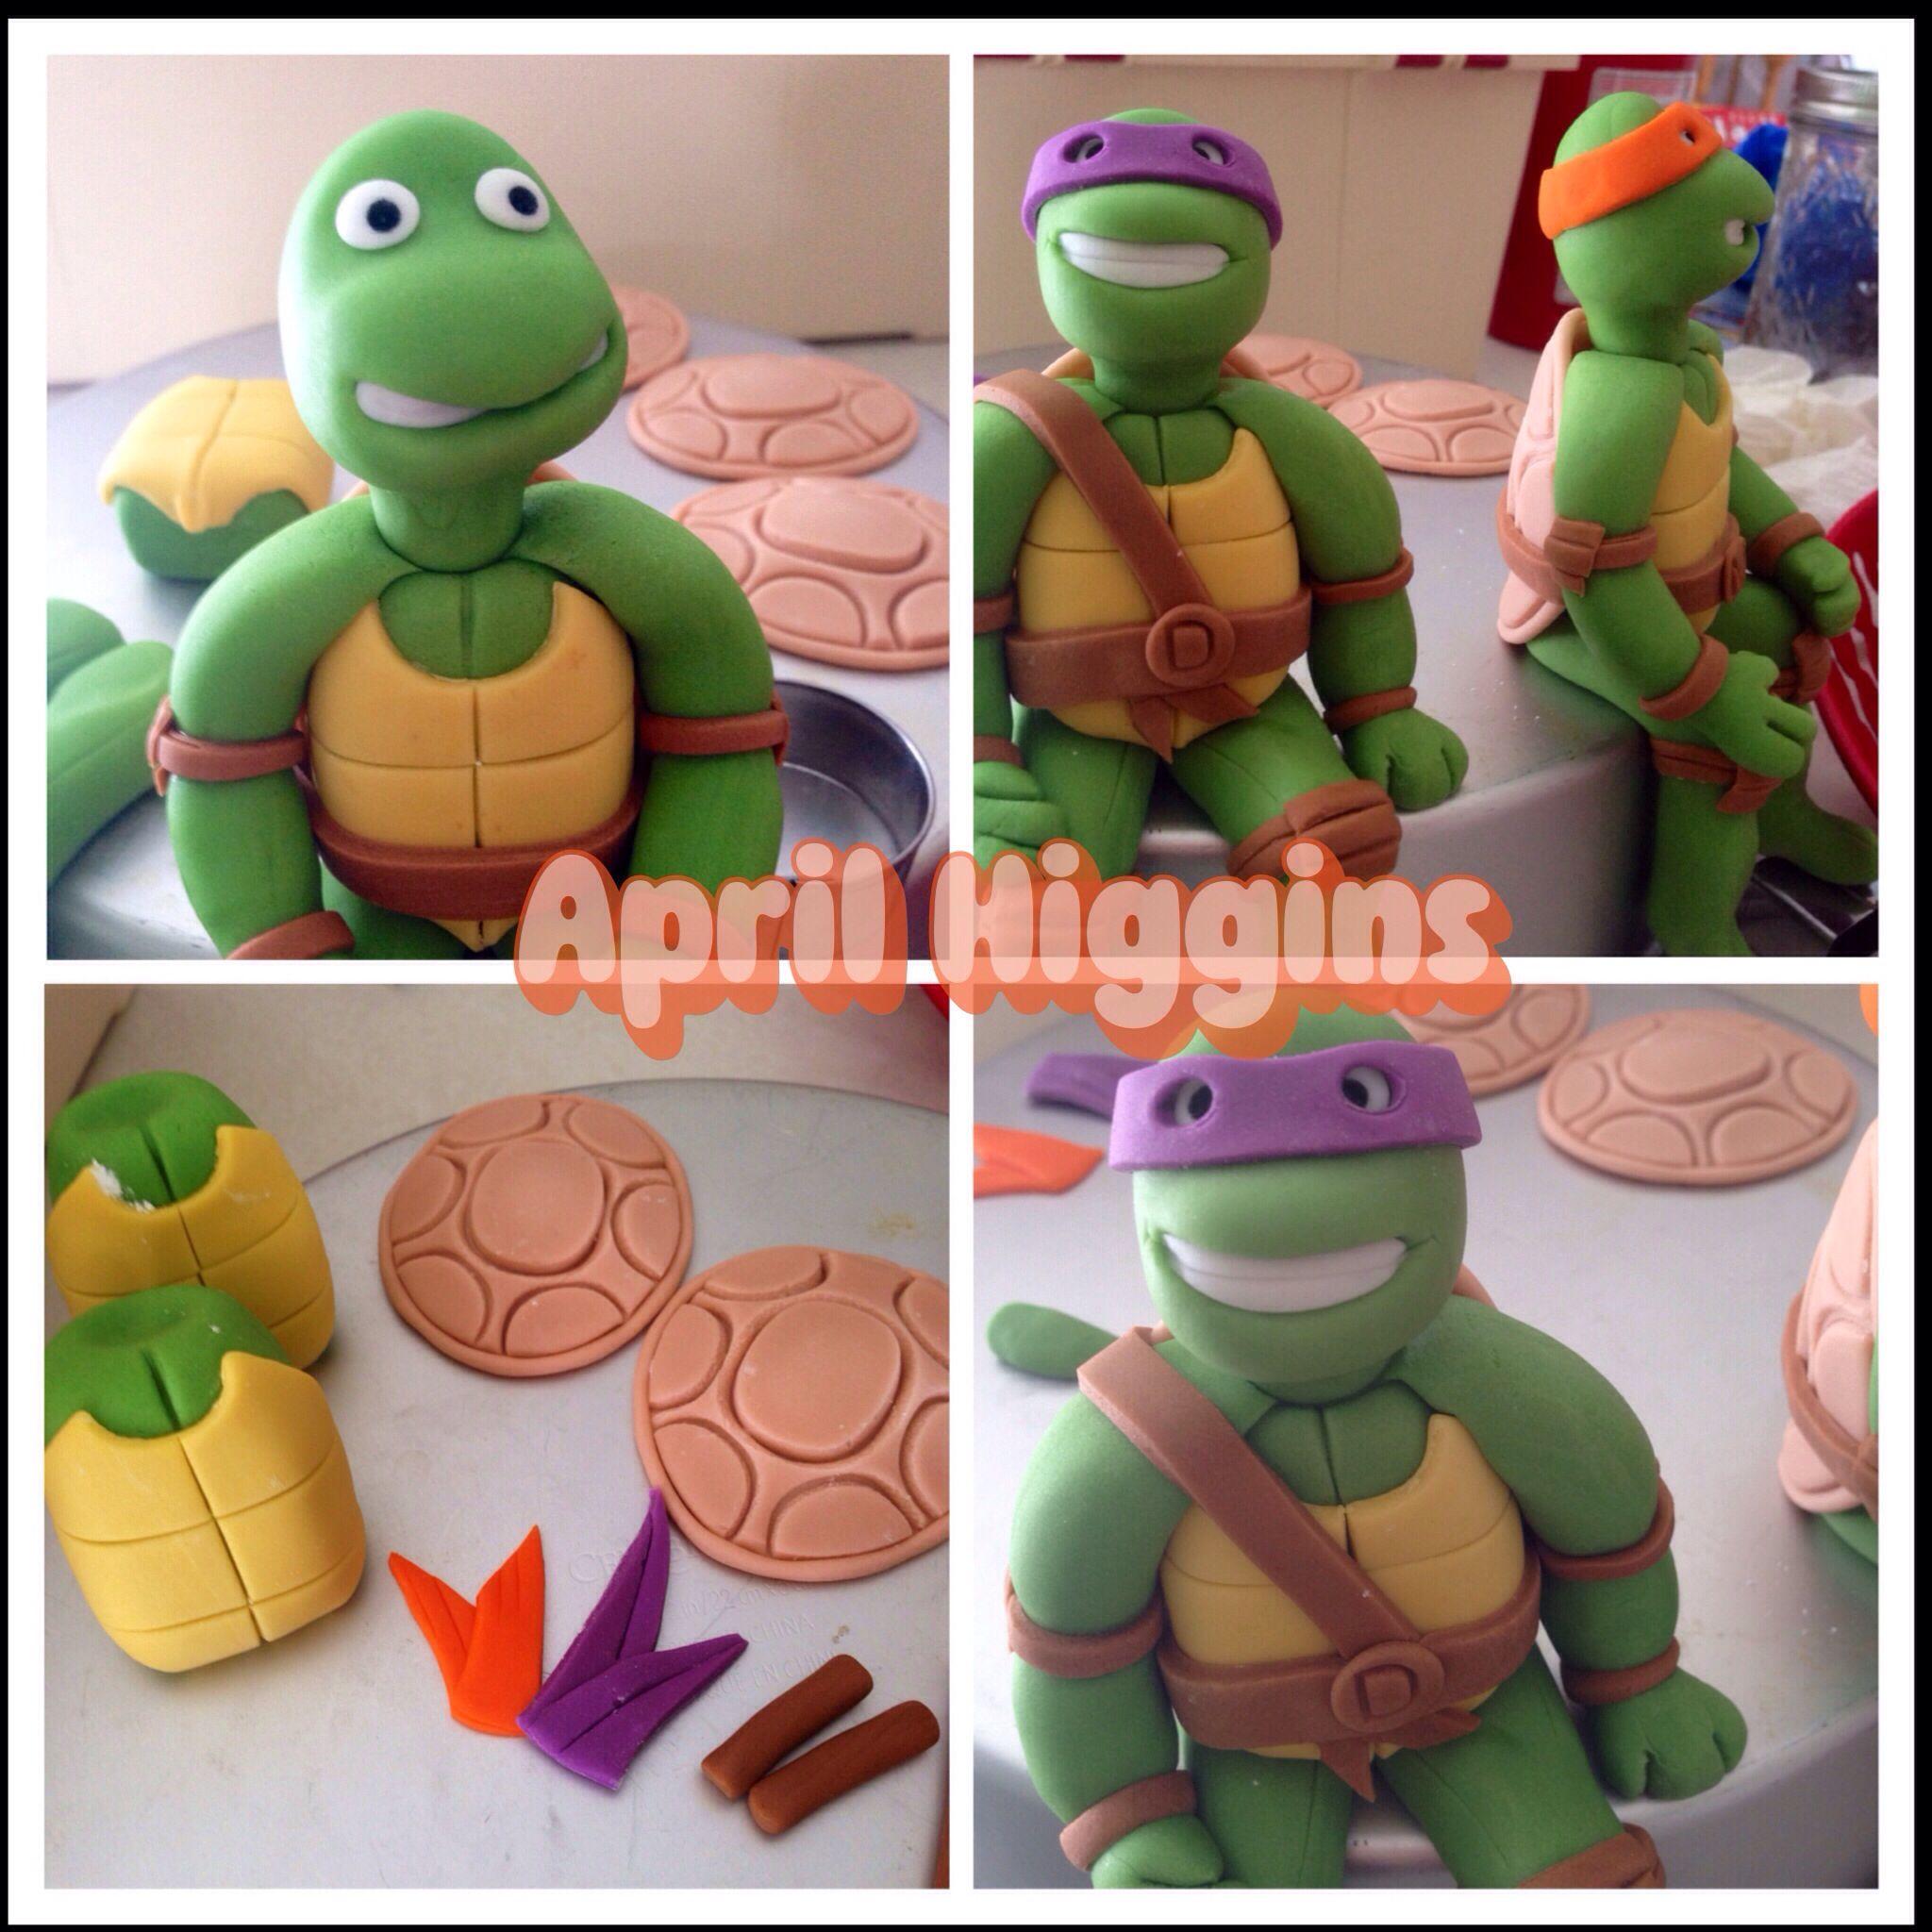 Teenage Mutant Ninja Turtles Ninja Turtle Cake Ninja Turtle Cake Topper Ninja Turtles Birthday Party